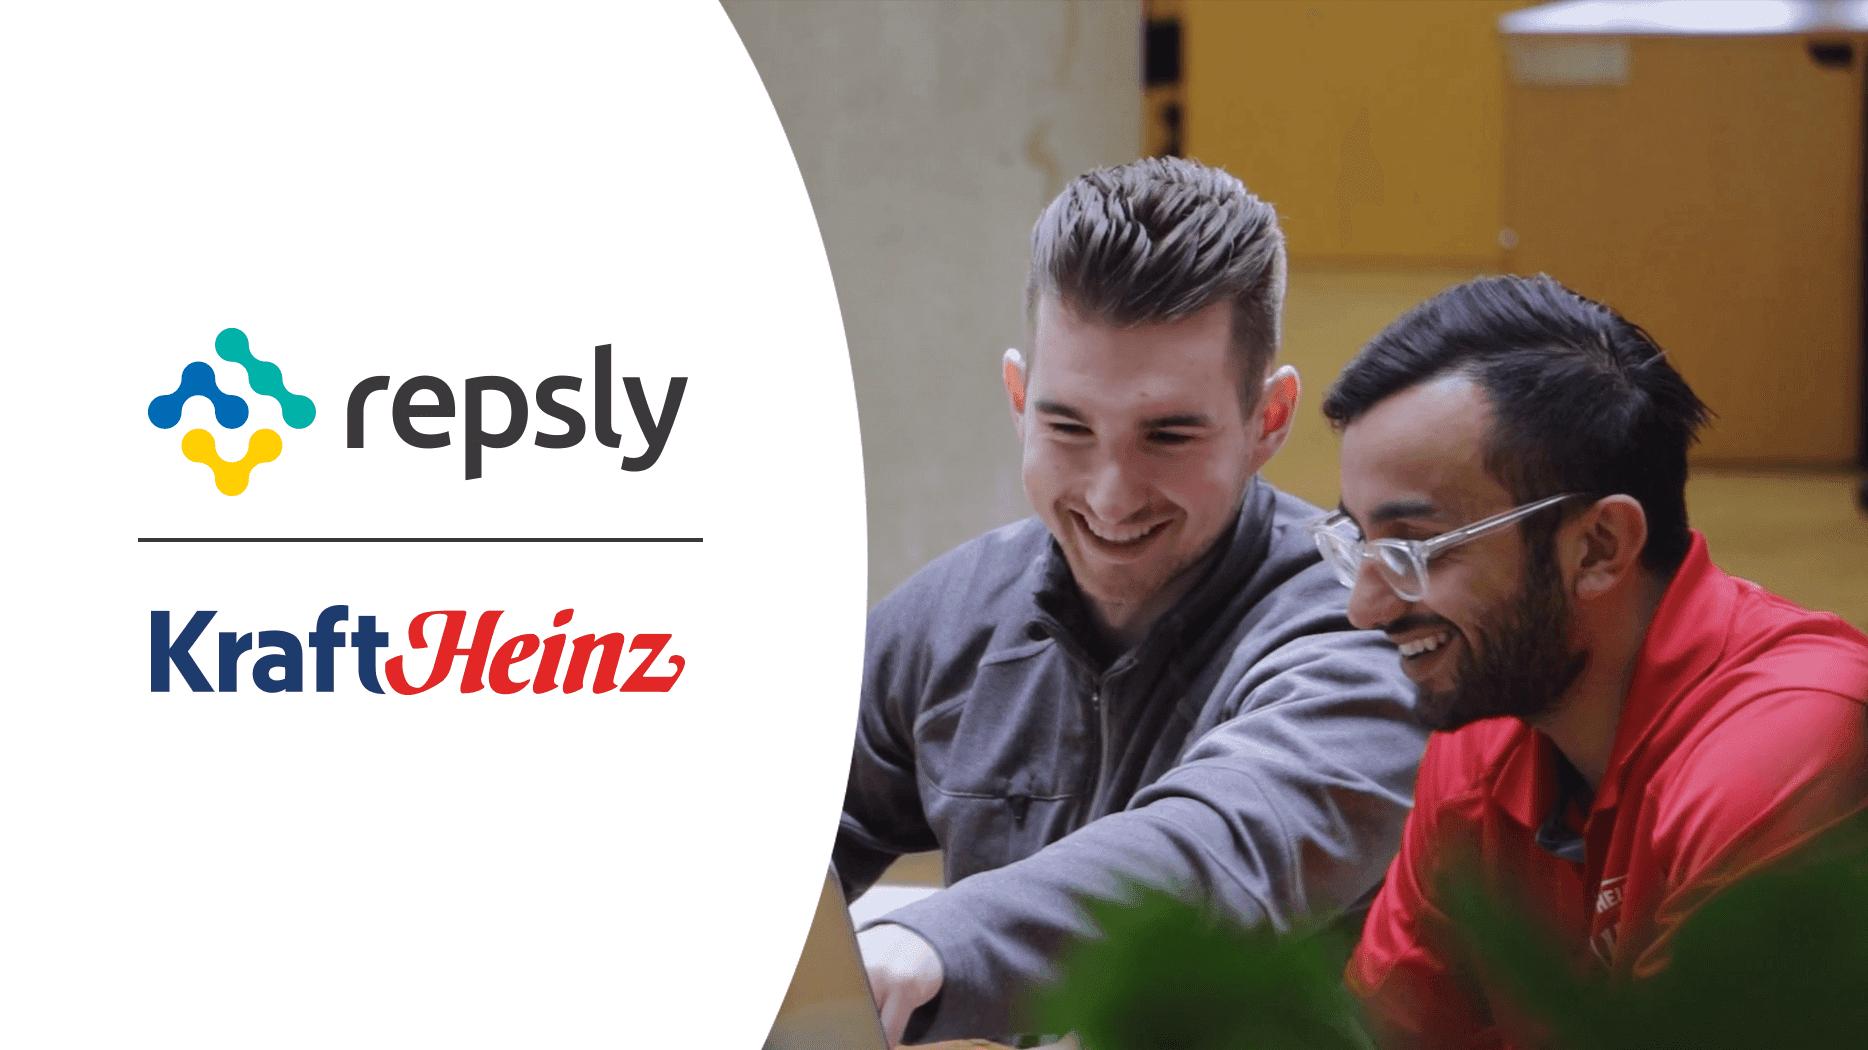 Kraft Heinz _ Repsly_1080p